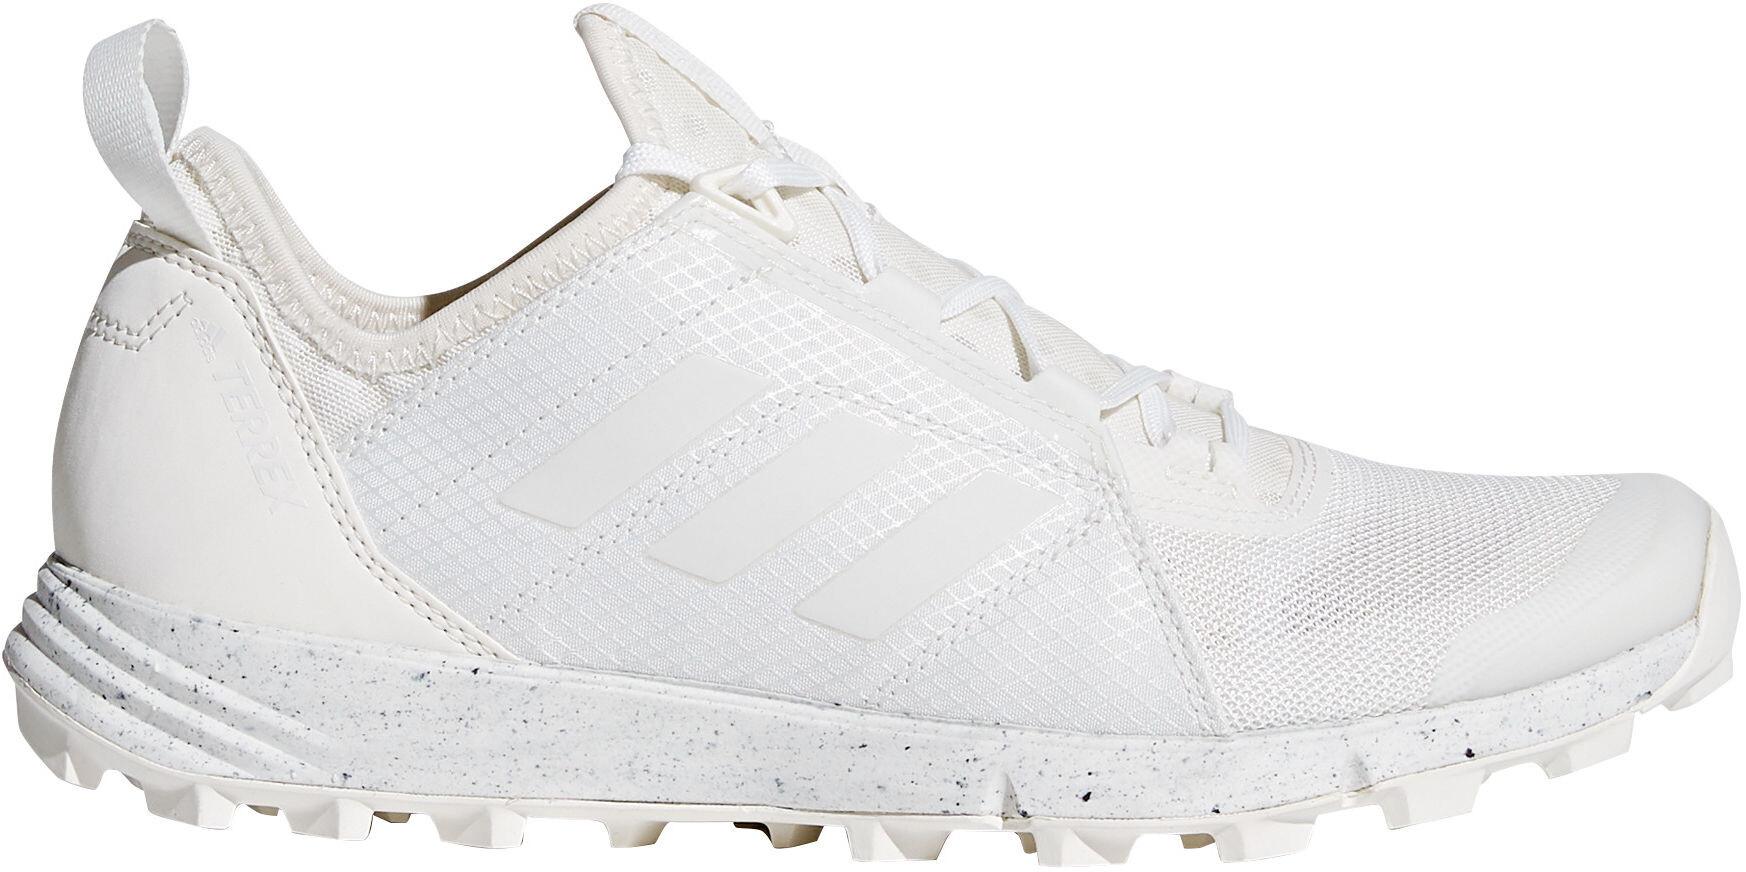 adidas Grace Mid Sleek W Schuhe whitemet.silver im WeAre Shop